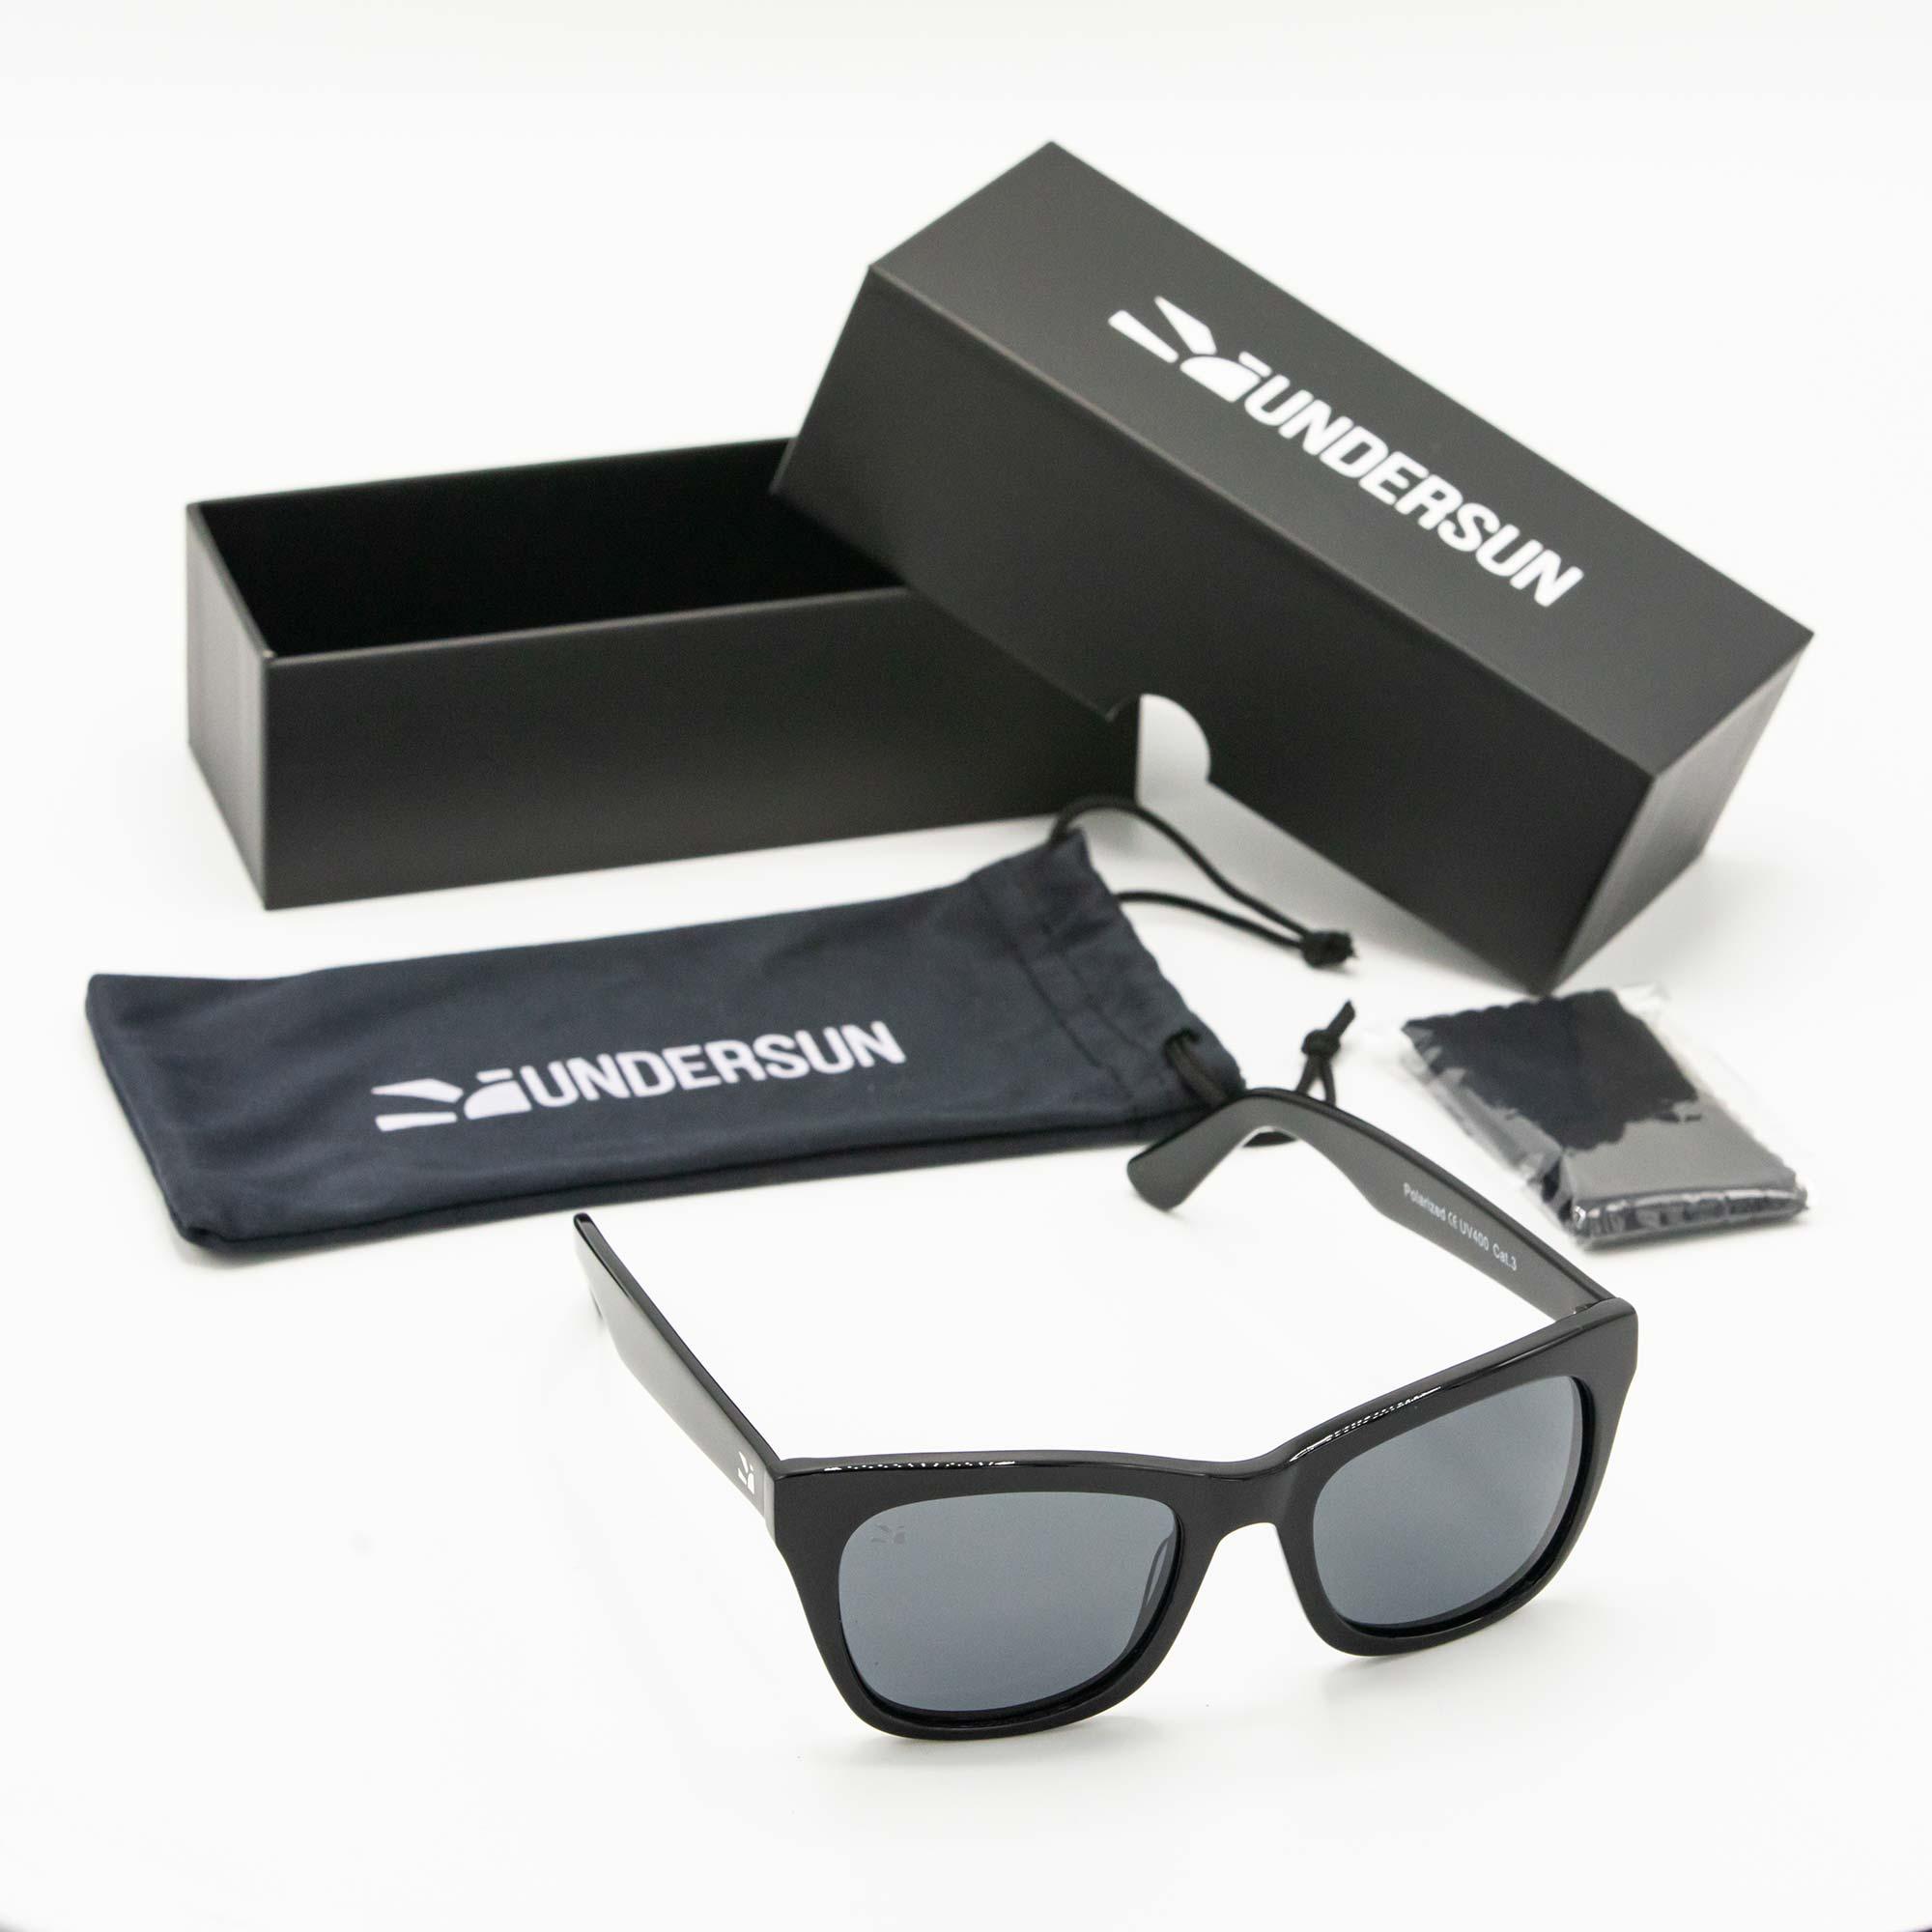 Undersun Premium Sunglasses